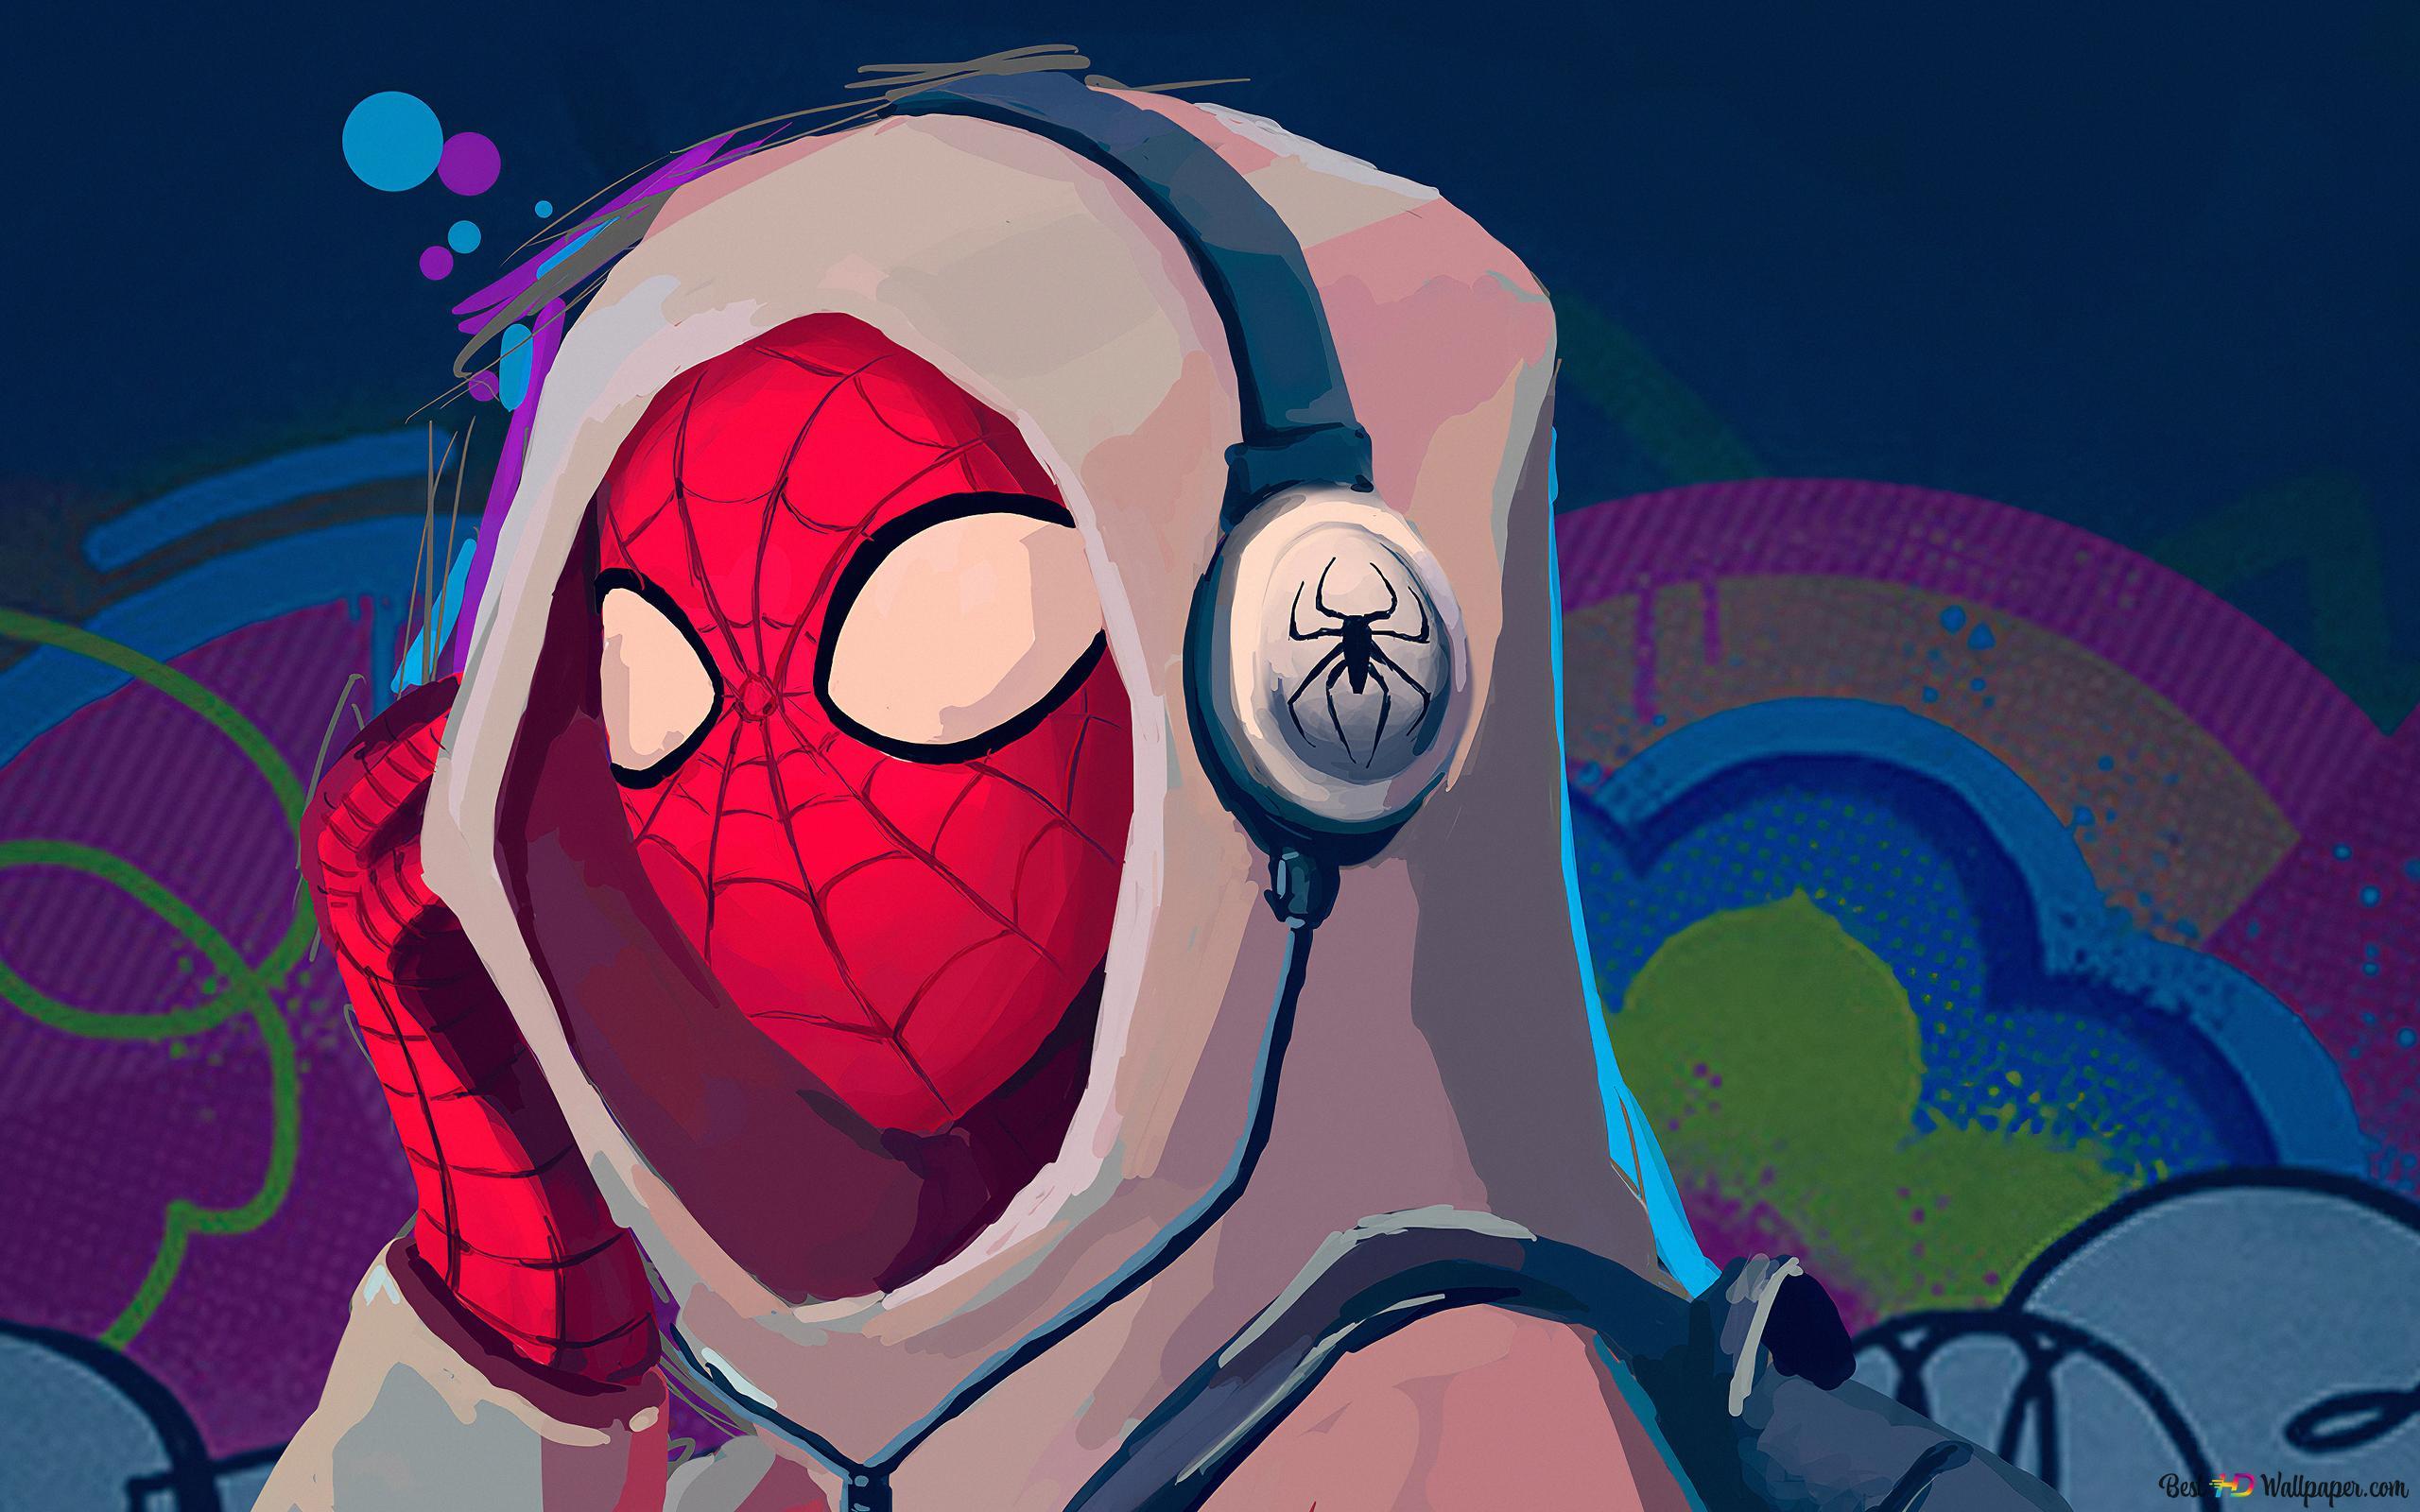 マーベルコミック ヘッドホンでhoddieスパイダーマン Hd壁紙の